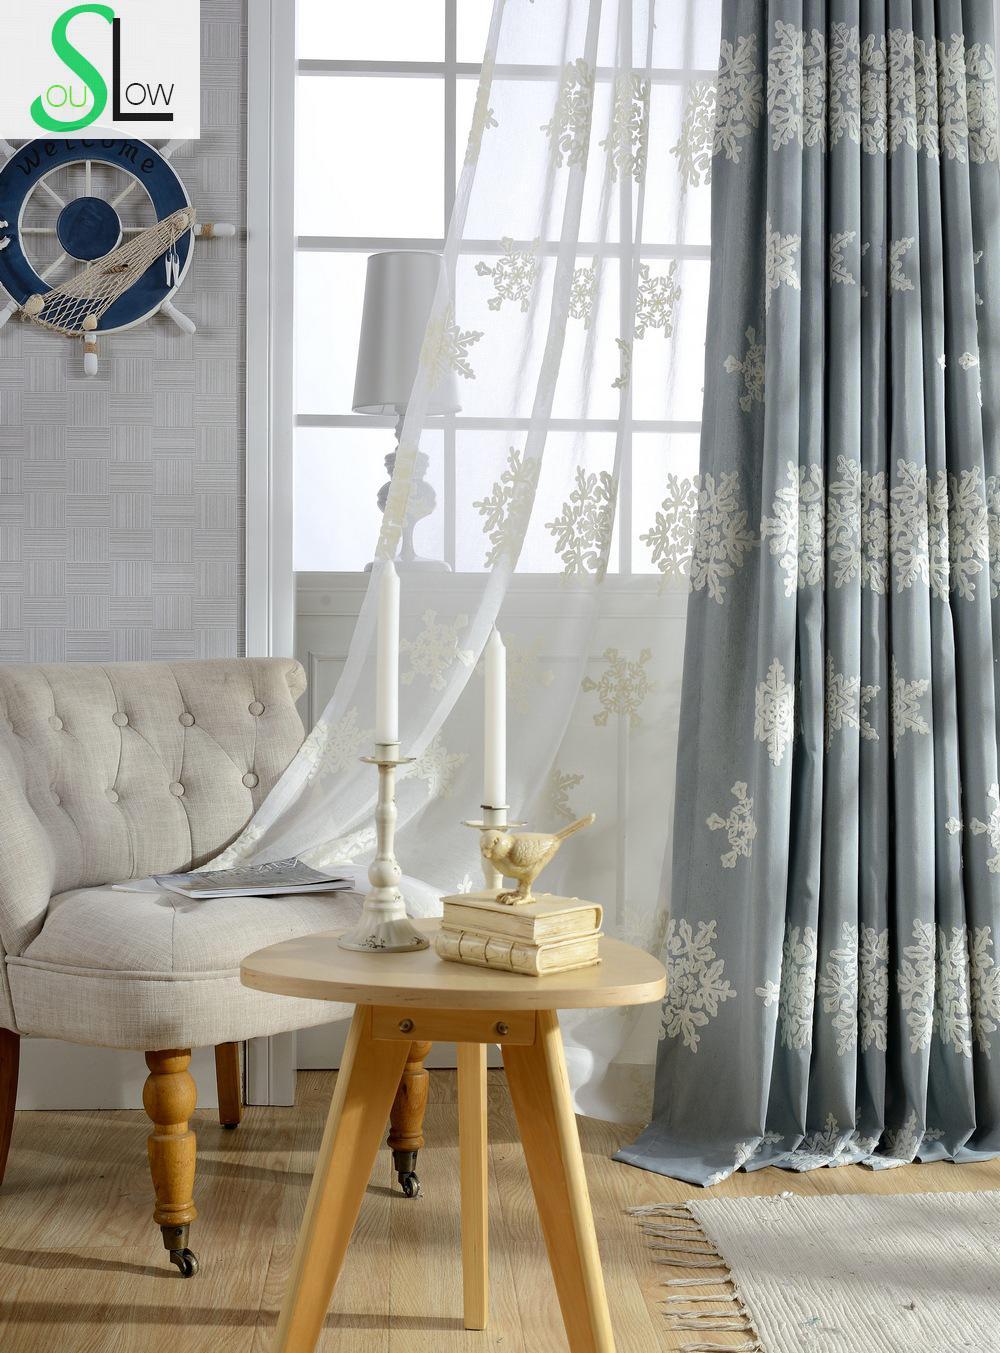 Sonbahar Kış Edelweiss Işlemeli Perdeler Yatak Odası Için Avrupa Ve Amerikan Tarzı Kar Tanesi Kaliteli Perde Cortinas Rideaux